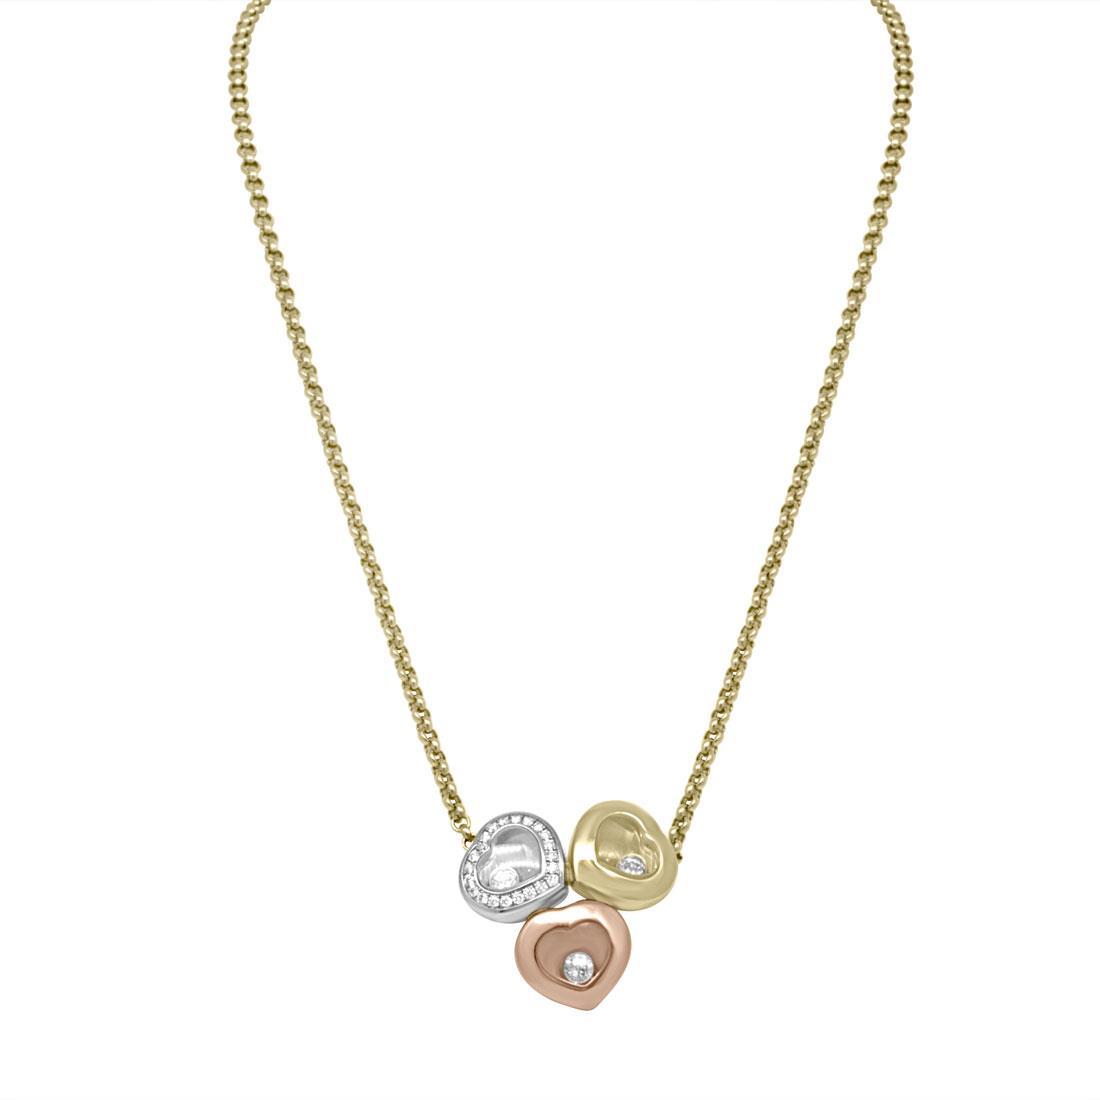 Collier tre ori e diamanti - CHOPARD